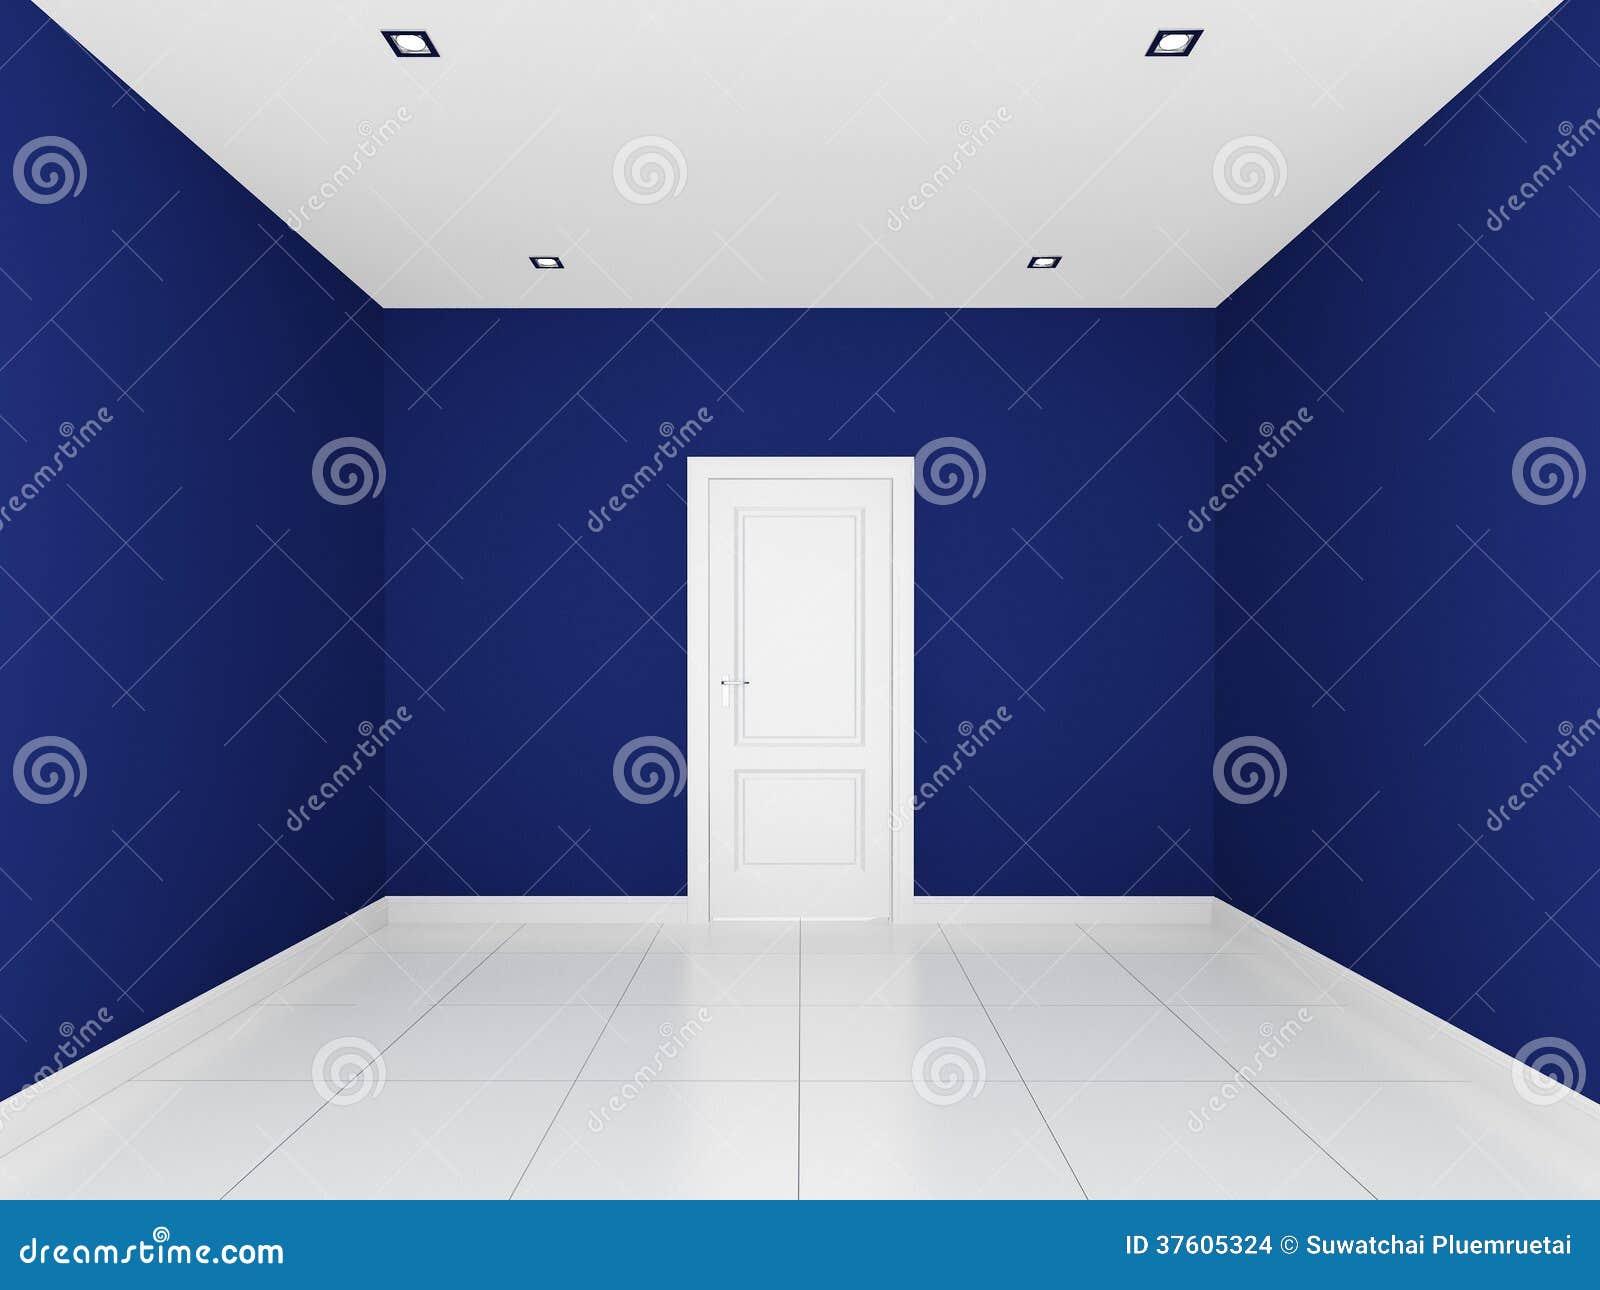 blaue wand in einem leeren raum stockbilder - bild: 37605324 - Blaue Wand